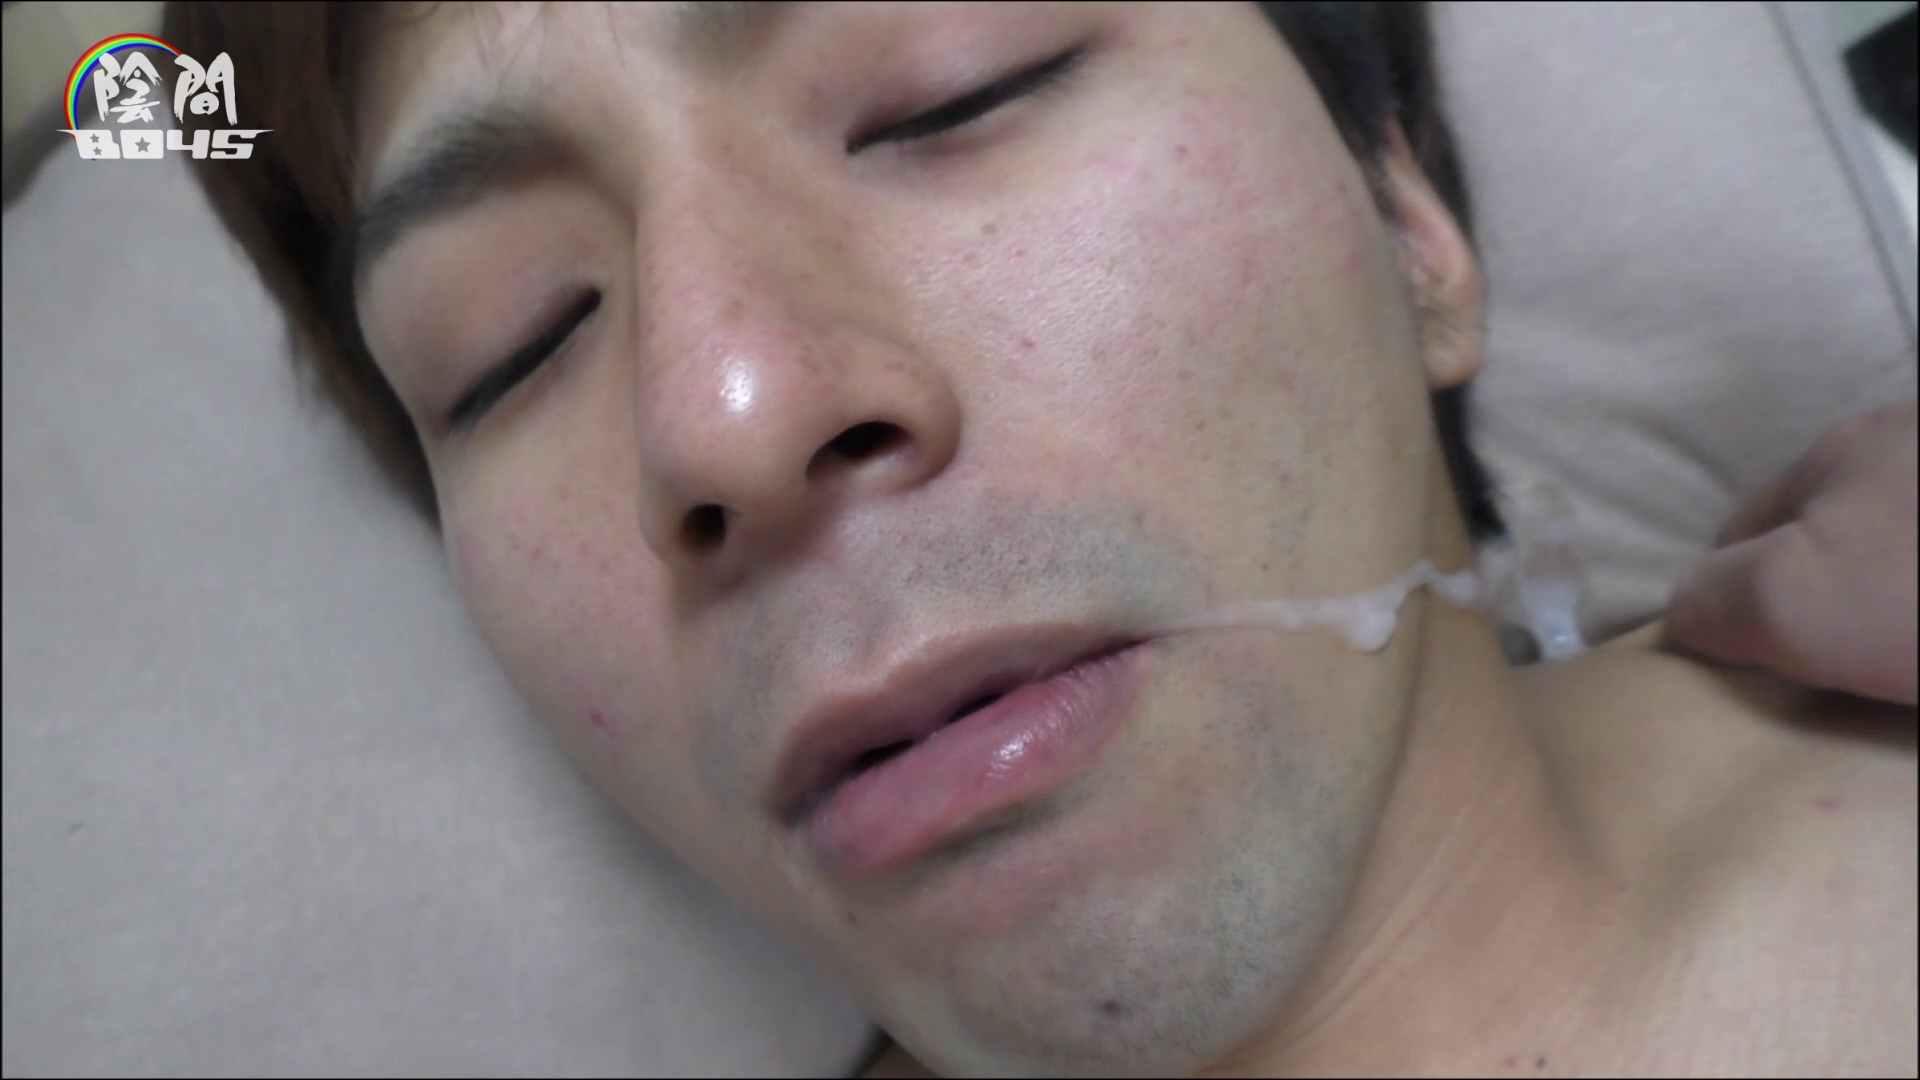 アナルは決して眠らない No.08 隠撮 ゲイ無料エロ画像 75pic 73